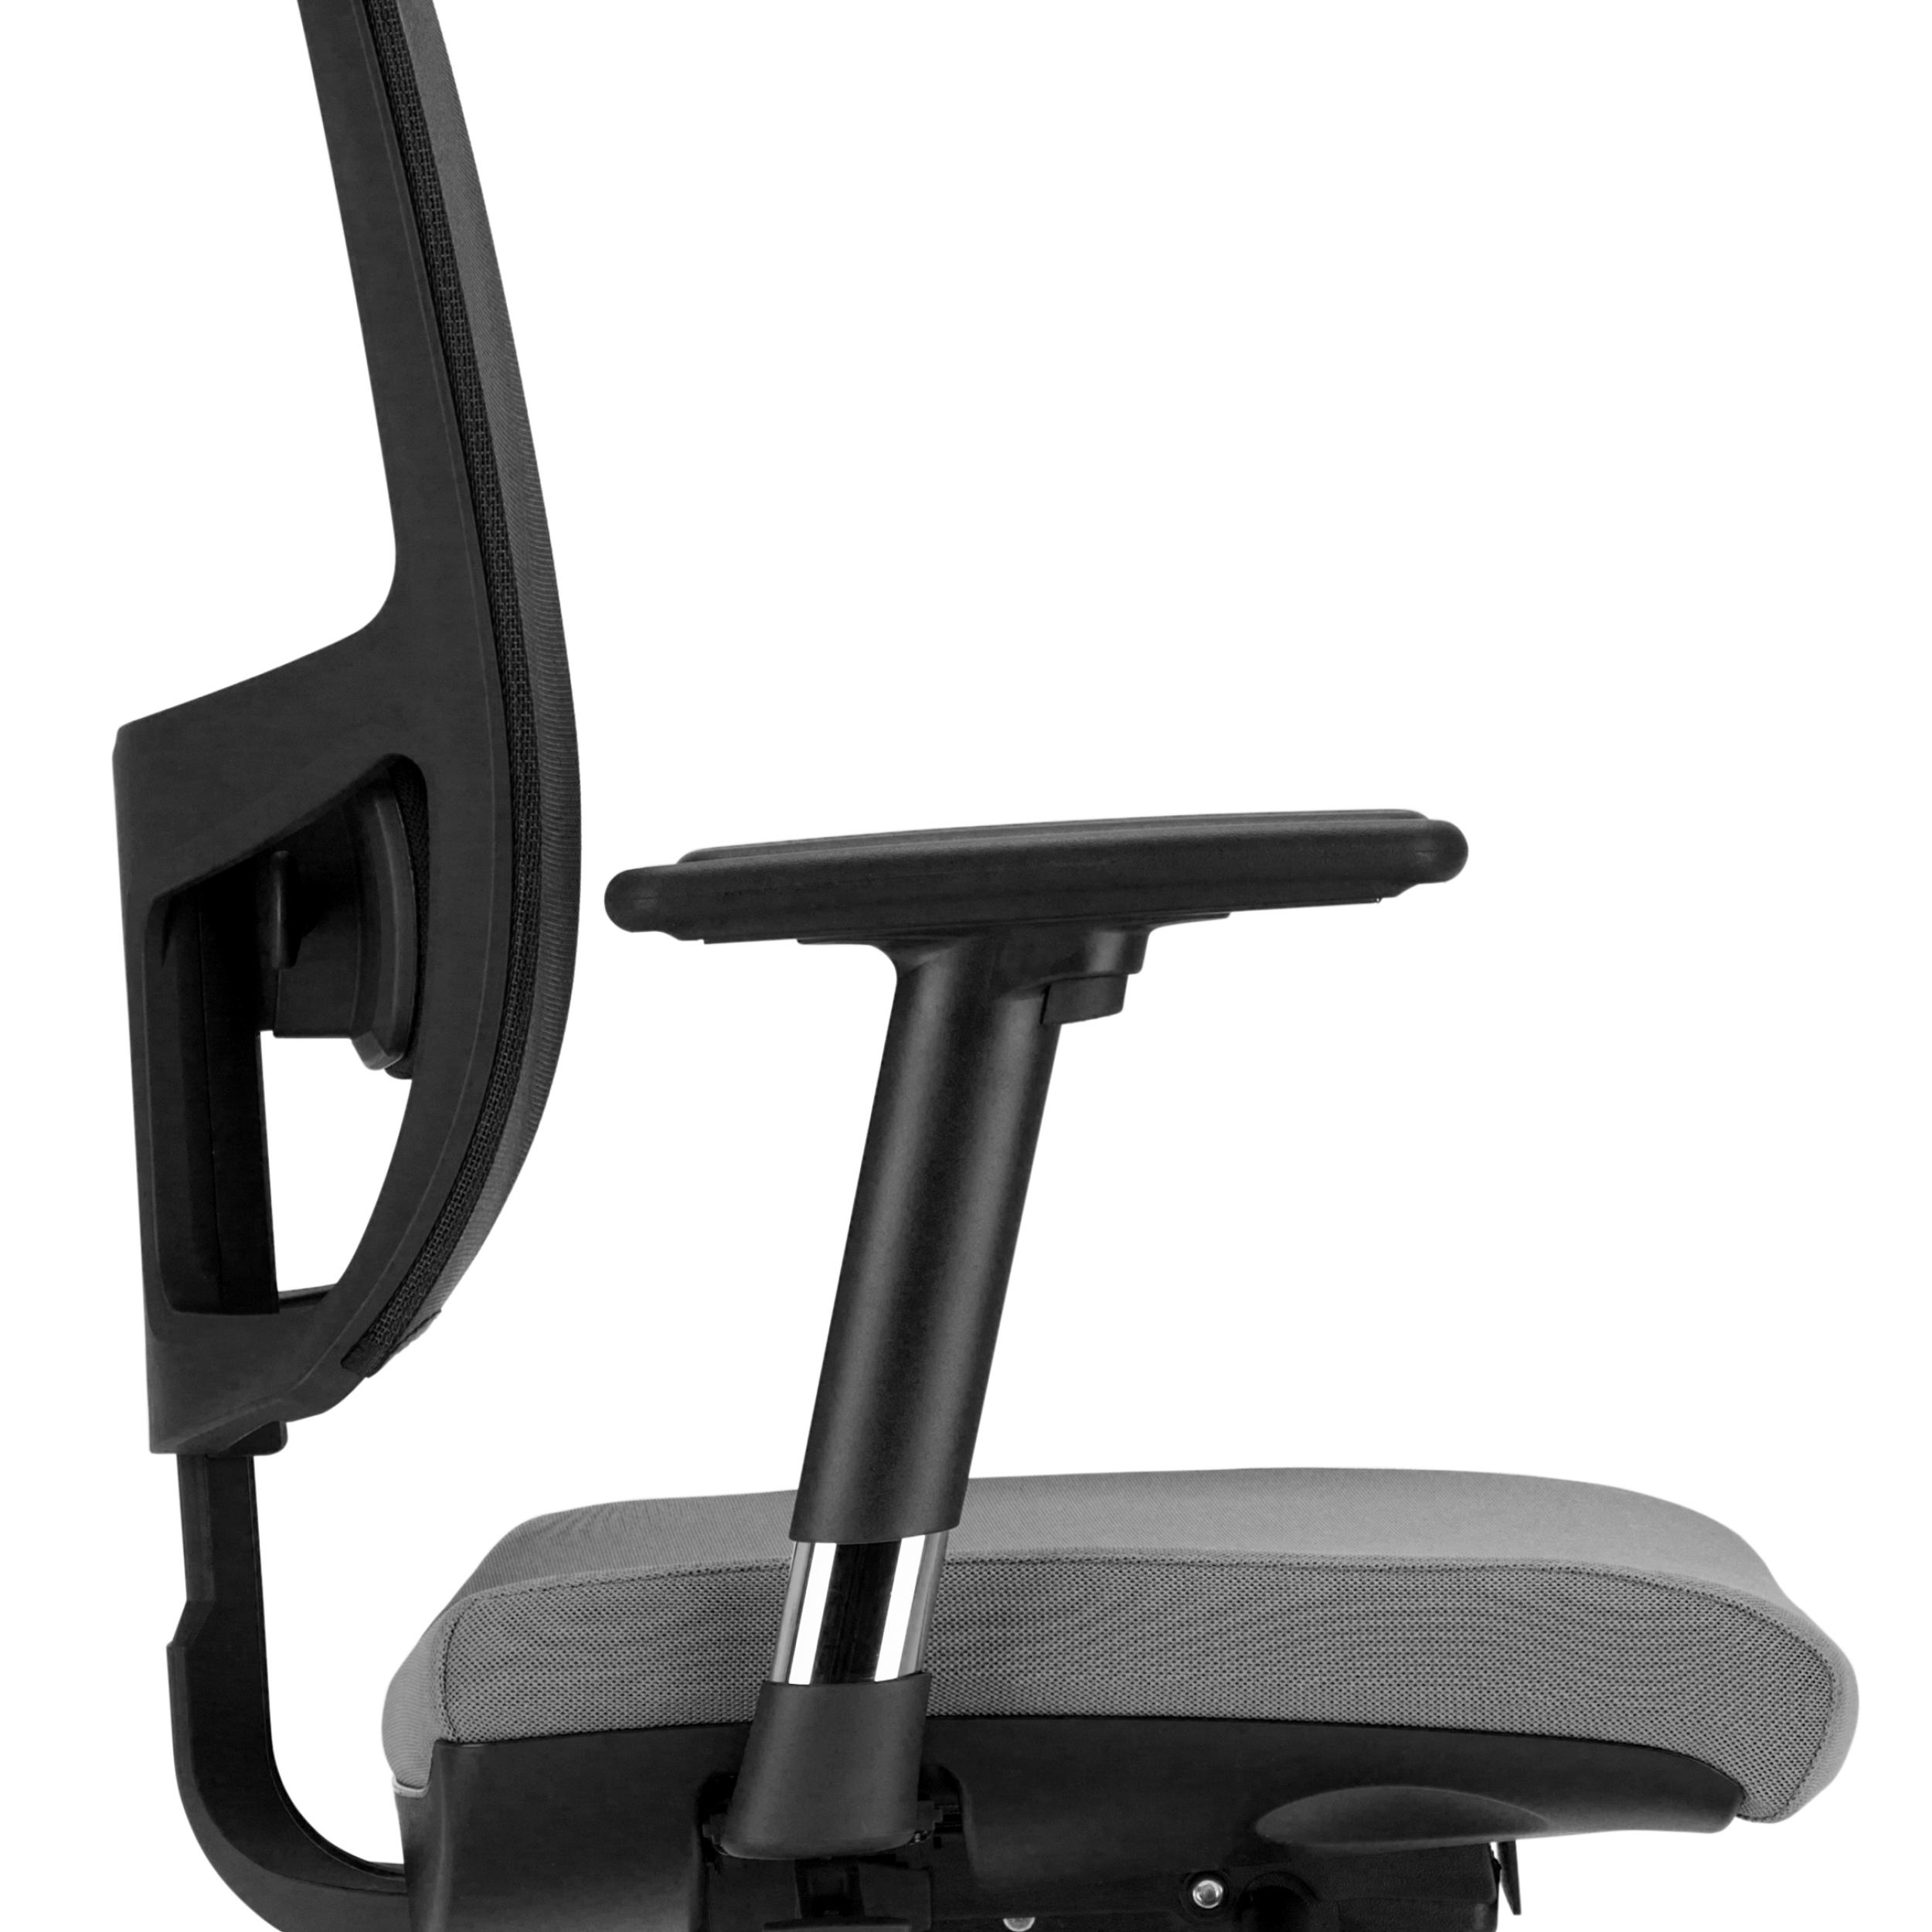 krzesło_Z-body Trade05